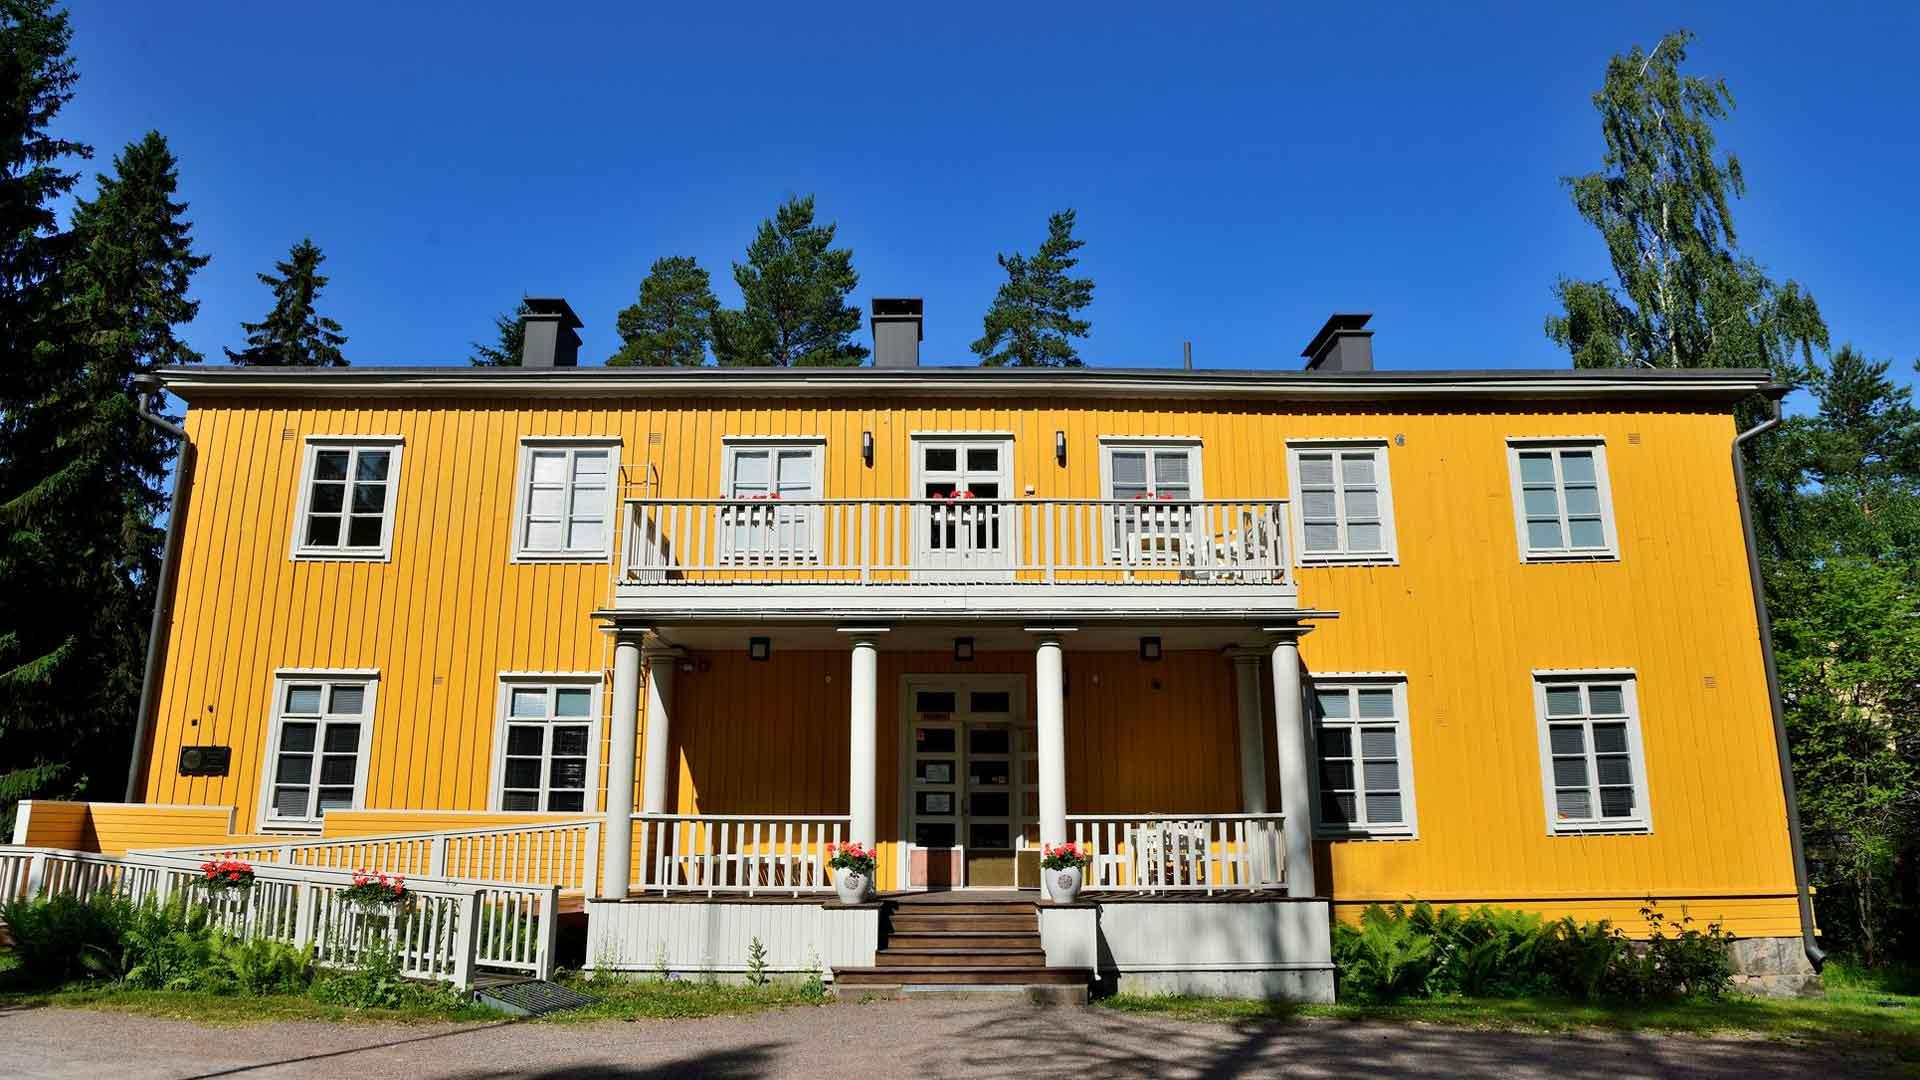 Juhani Aho ja Venny Soldan-Brofeldt asuivat ideologisista syistä vuokralla. Tästä syystä Järvenpään puolella olevassa Aholassa ei ole säilynyt taiteilijaperheen huonekaluja ja esineistöä.